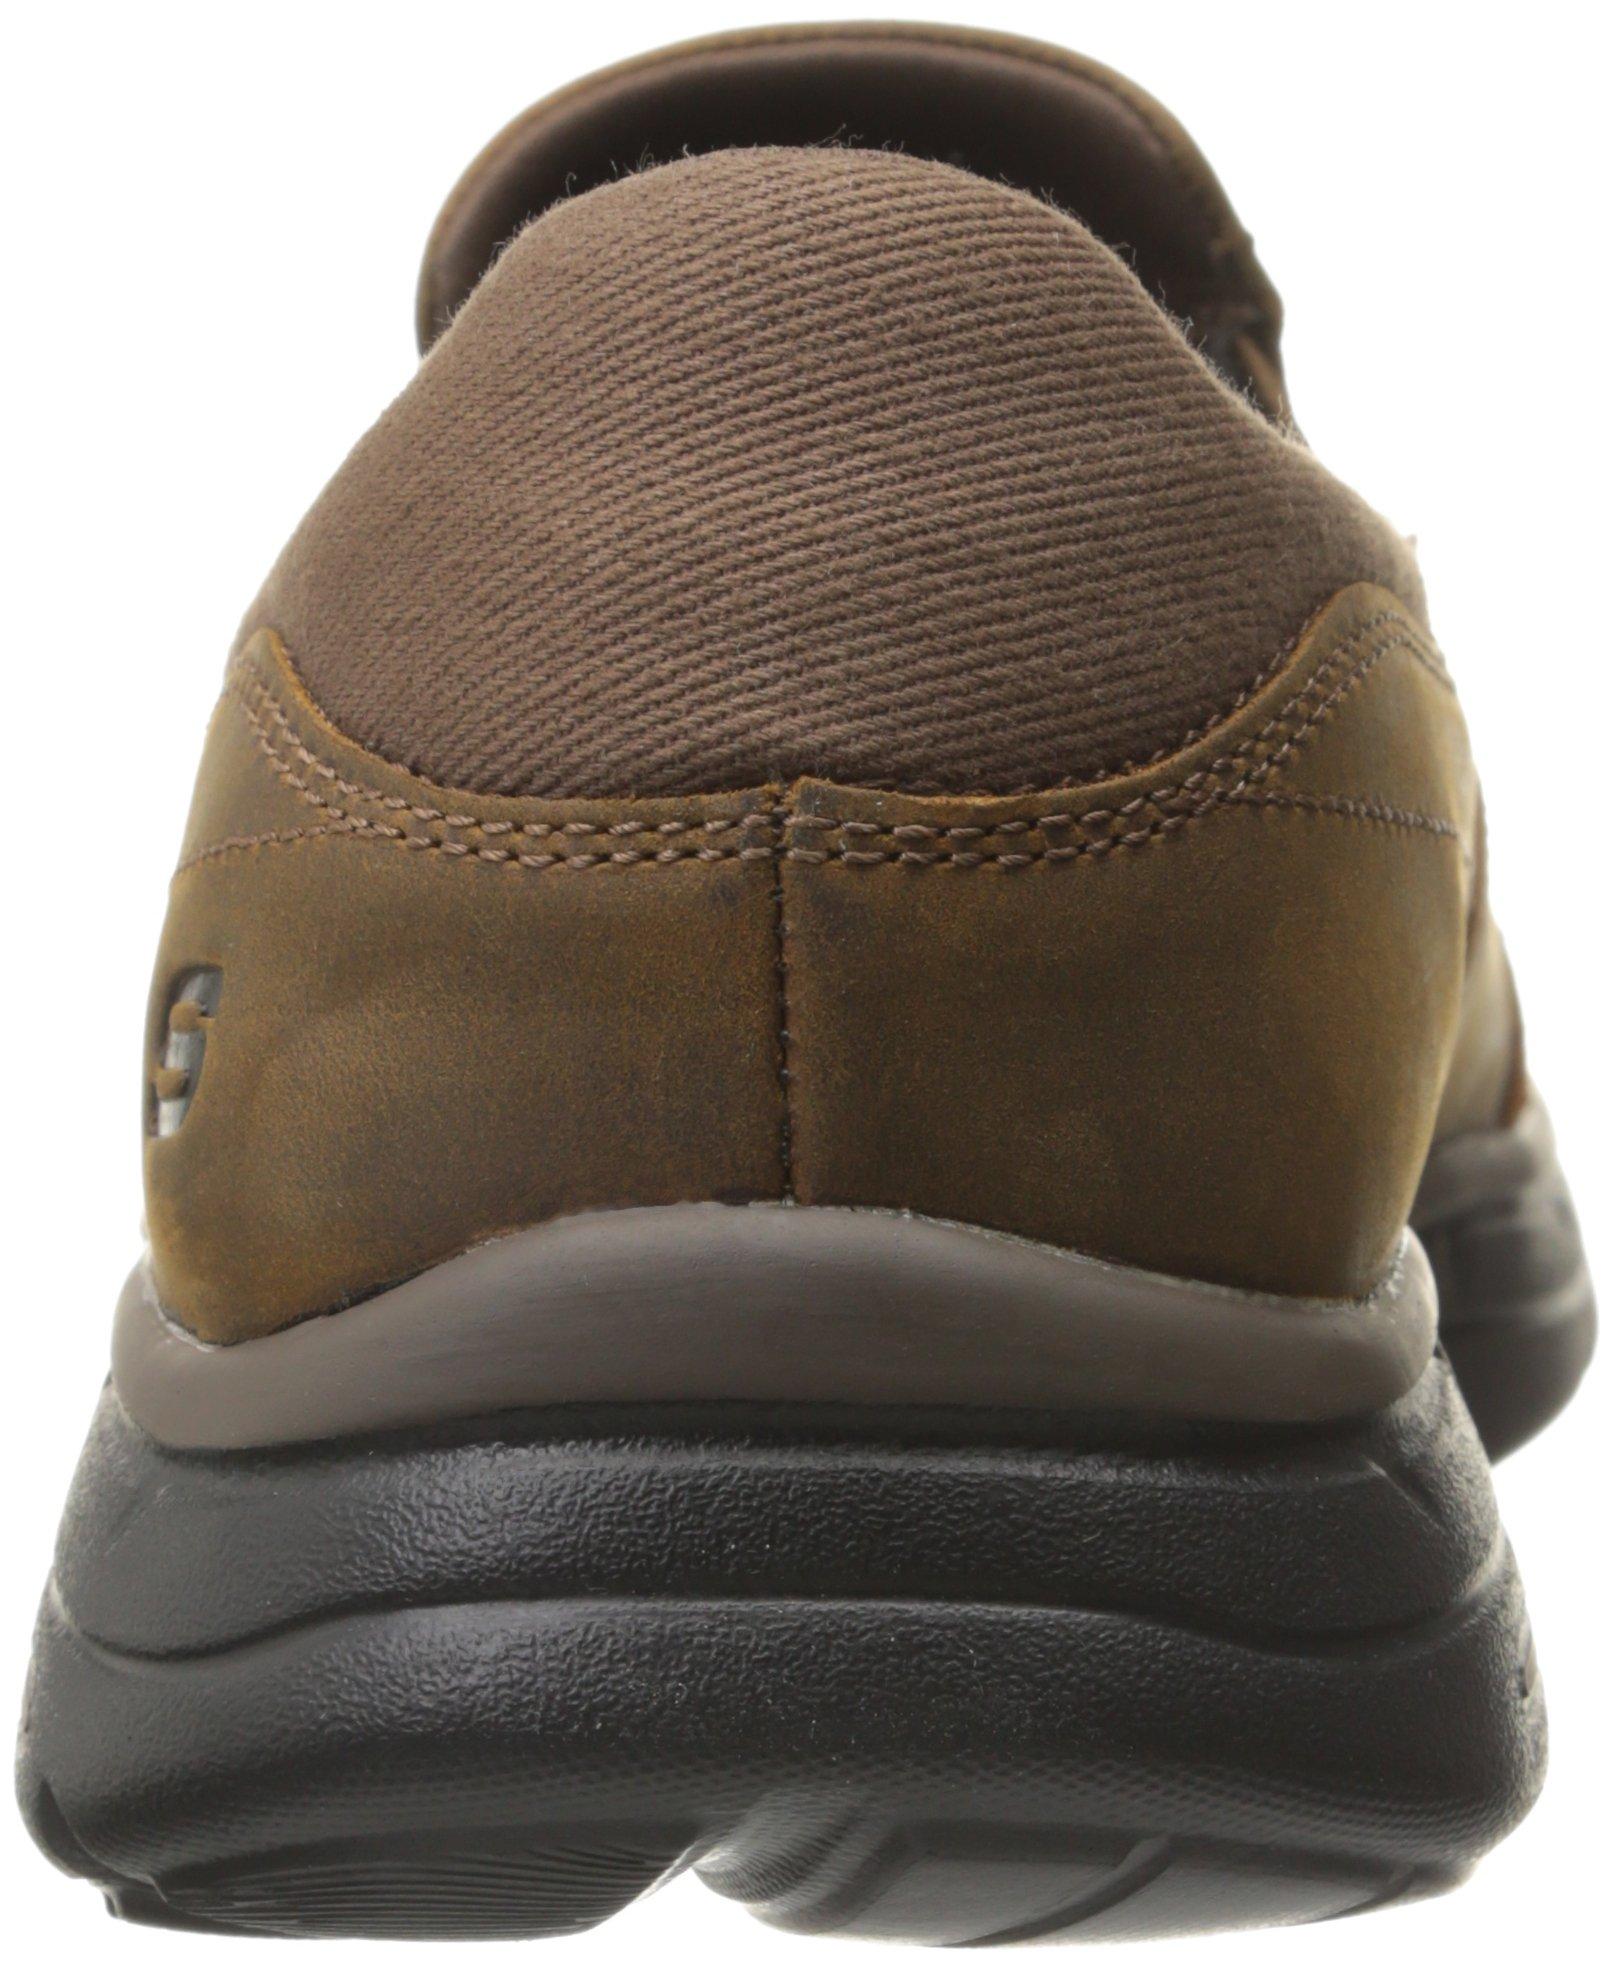 6bbf357d556b Skechers Men s Glides Calculous Slip-On Loafer